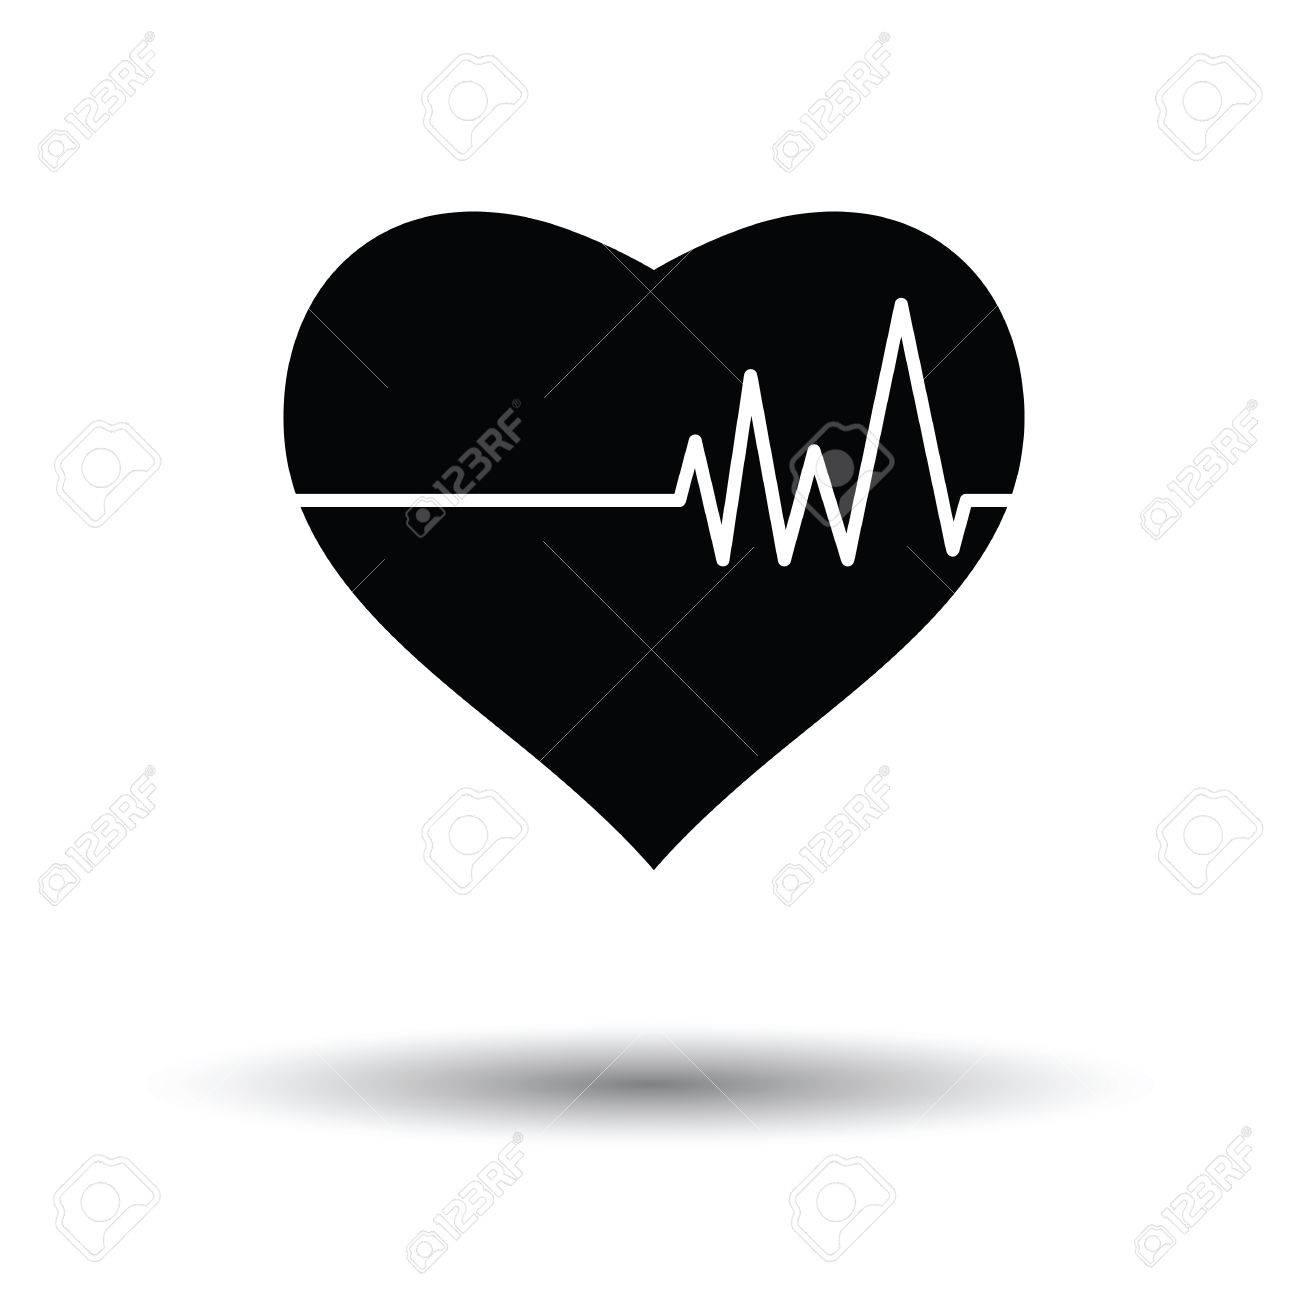 Corazón Con El Icono Del Diagrama De Cardio. Fondo Blanco Con El ...